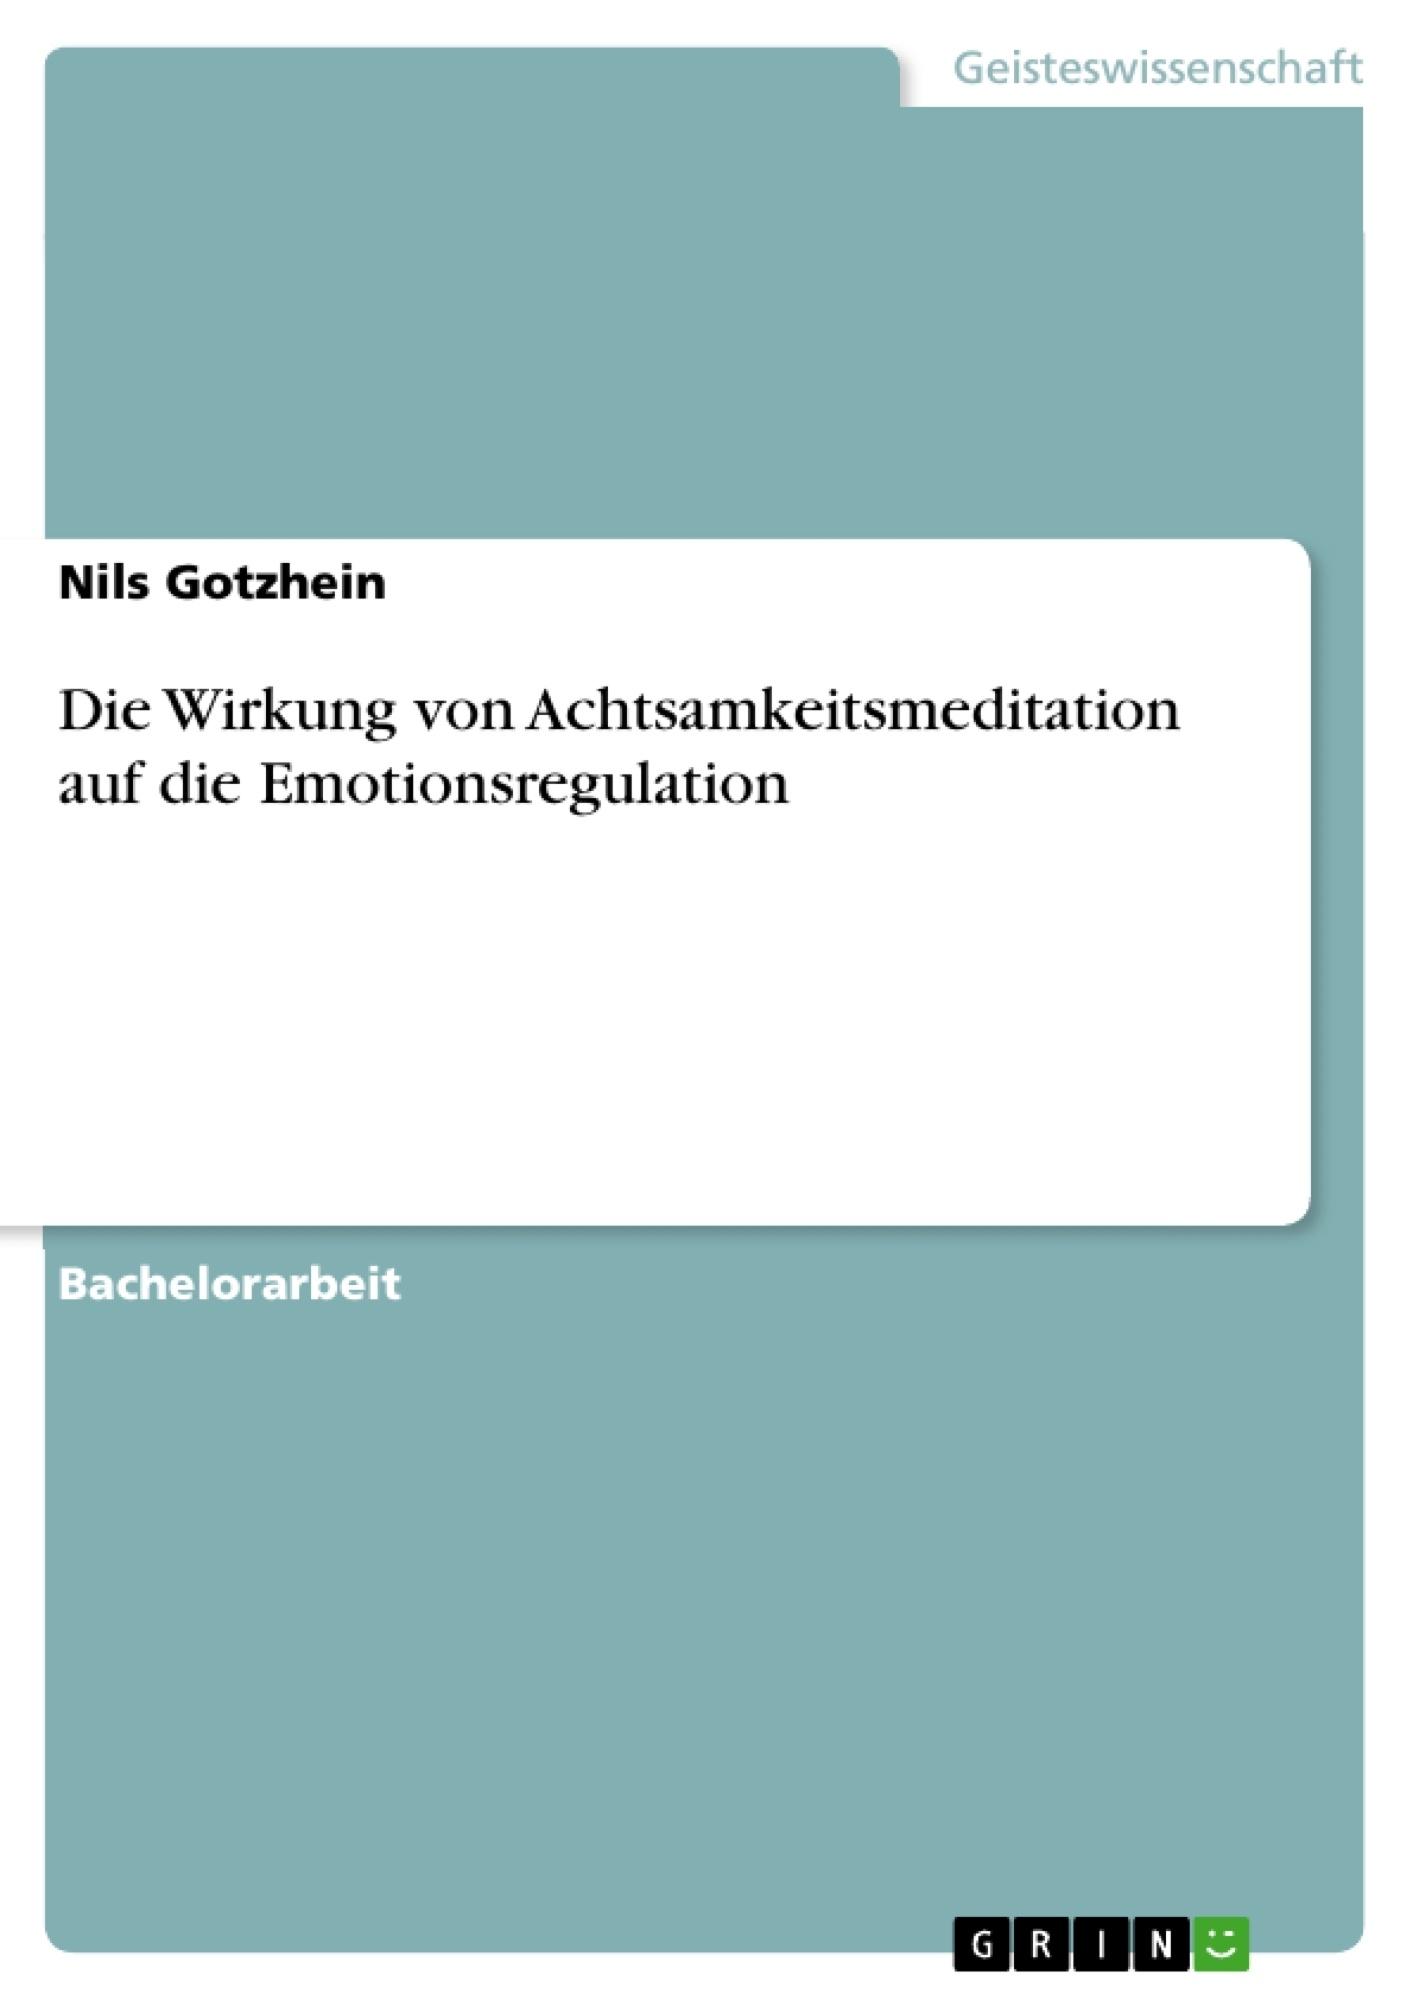 Titel: Die Wirkung von Achtsamkeitsmeditation auf die Emotionsregulation